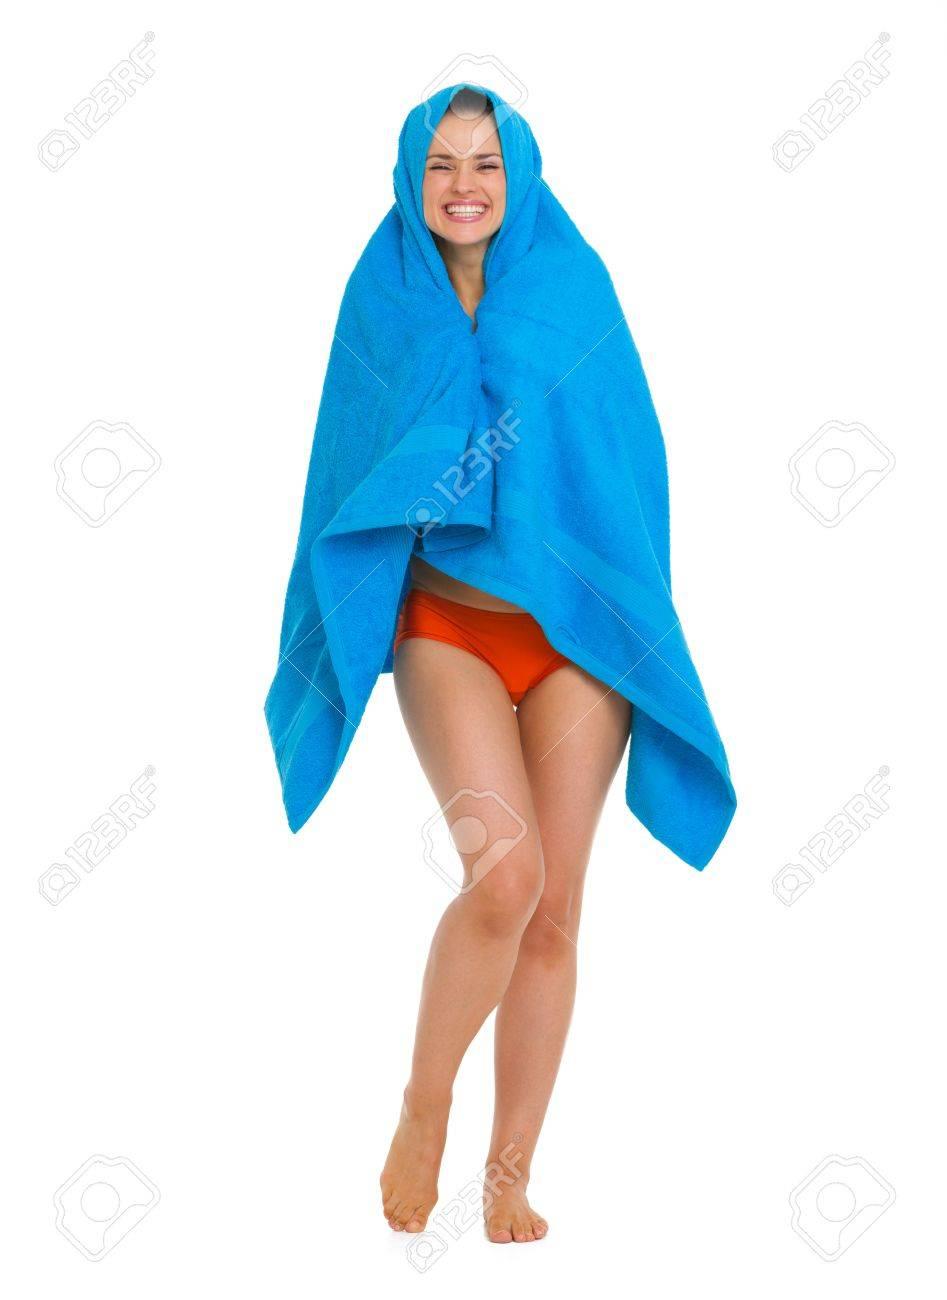 fa983e0afb7a Foto de archivo - Retrato de cuerpo entero de una mujer joven feliz en traje  de baño envuelta en una toalla